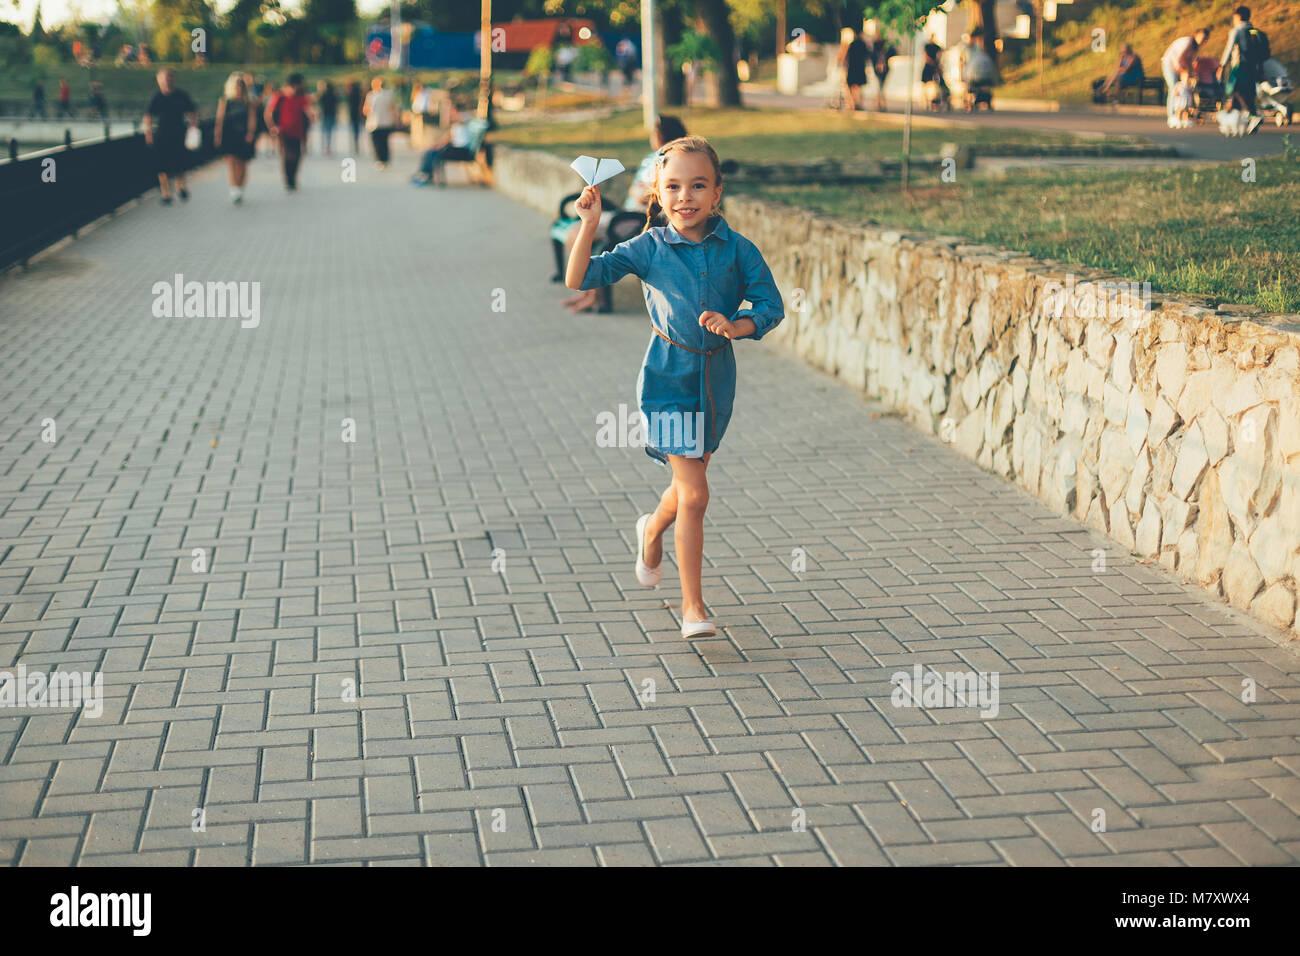 Enfant Jouer, courir avec toy avion en papier dans le parc, sur pavage gris près du lac en robe en jean. Smiling Photo Stock